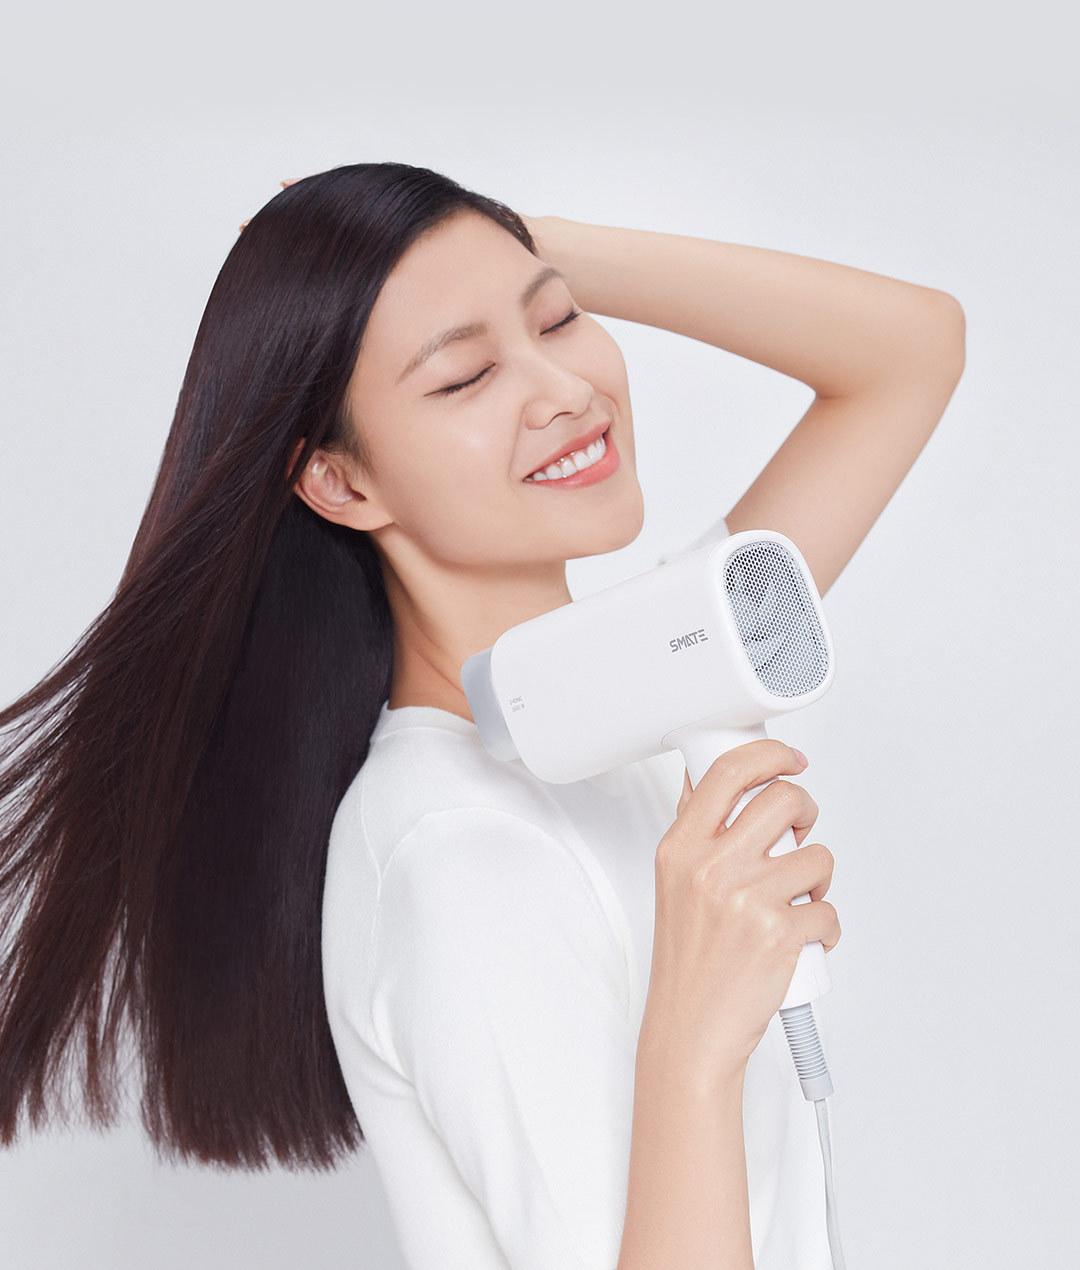 Фен Xiaomi SMATE